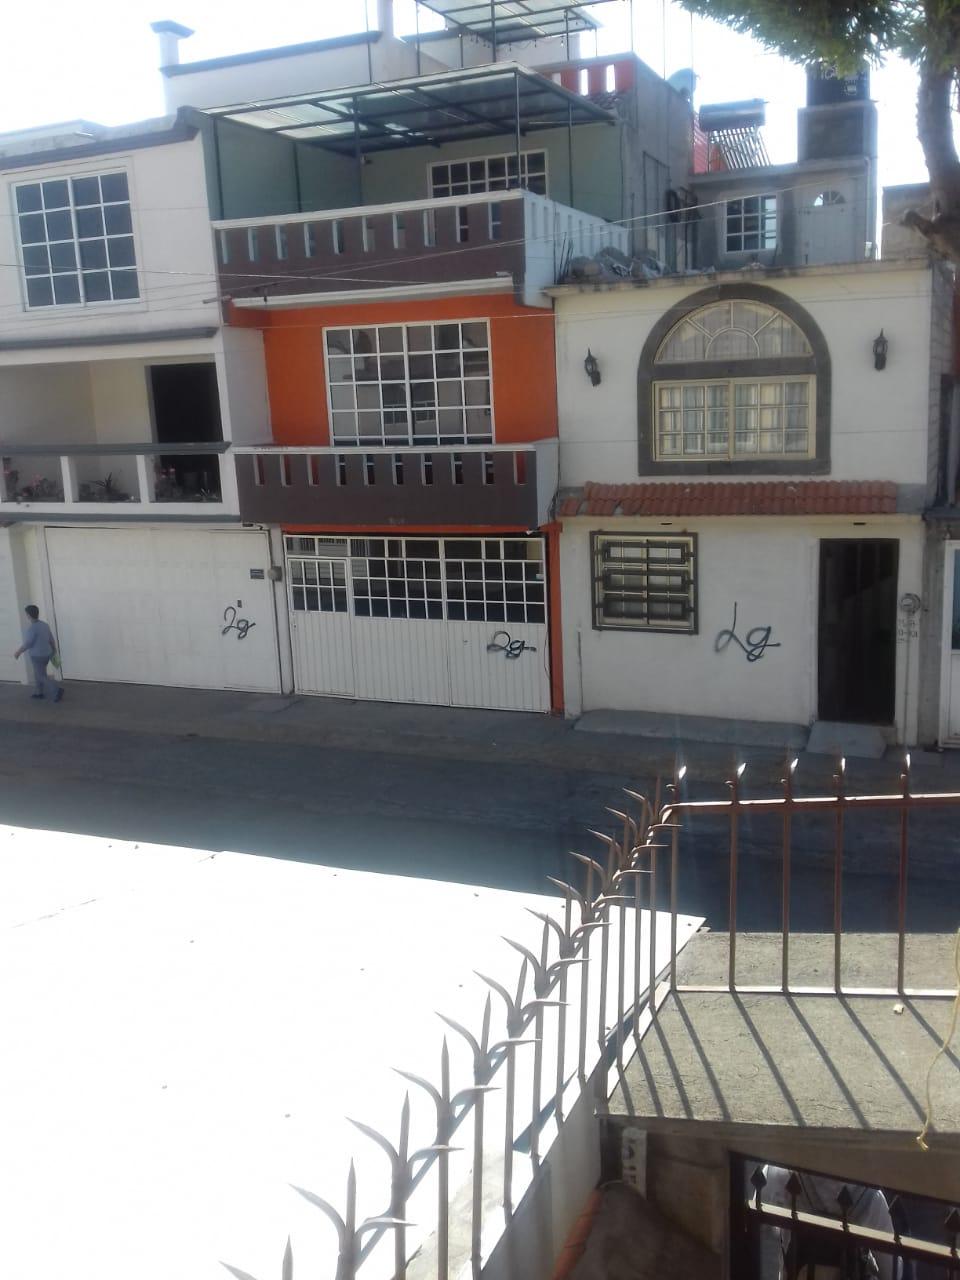 Graffitean casas para robarlas en Los Sauces en Toluca.